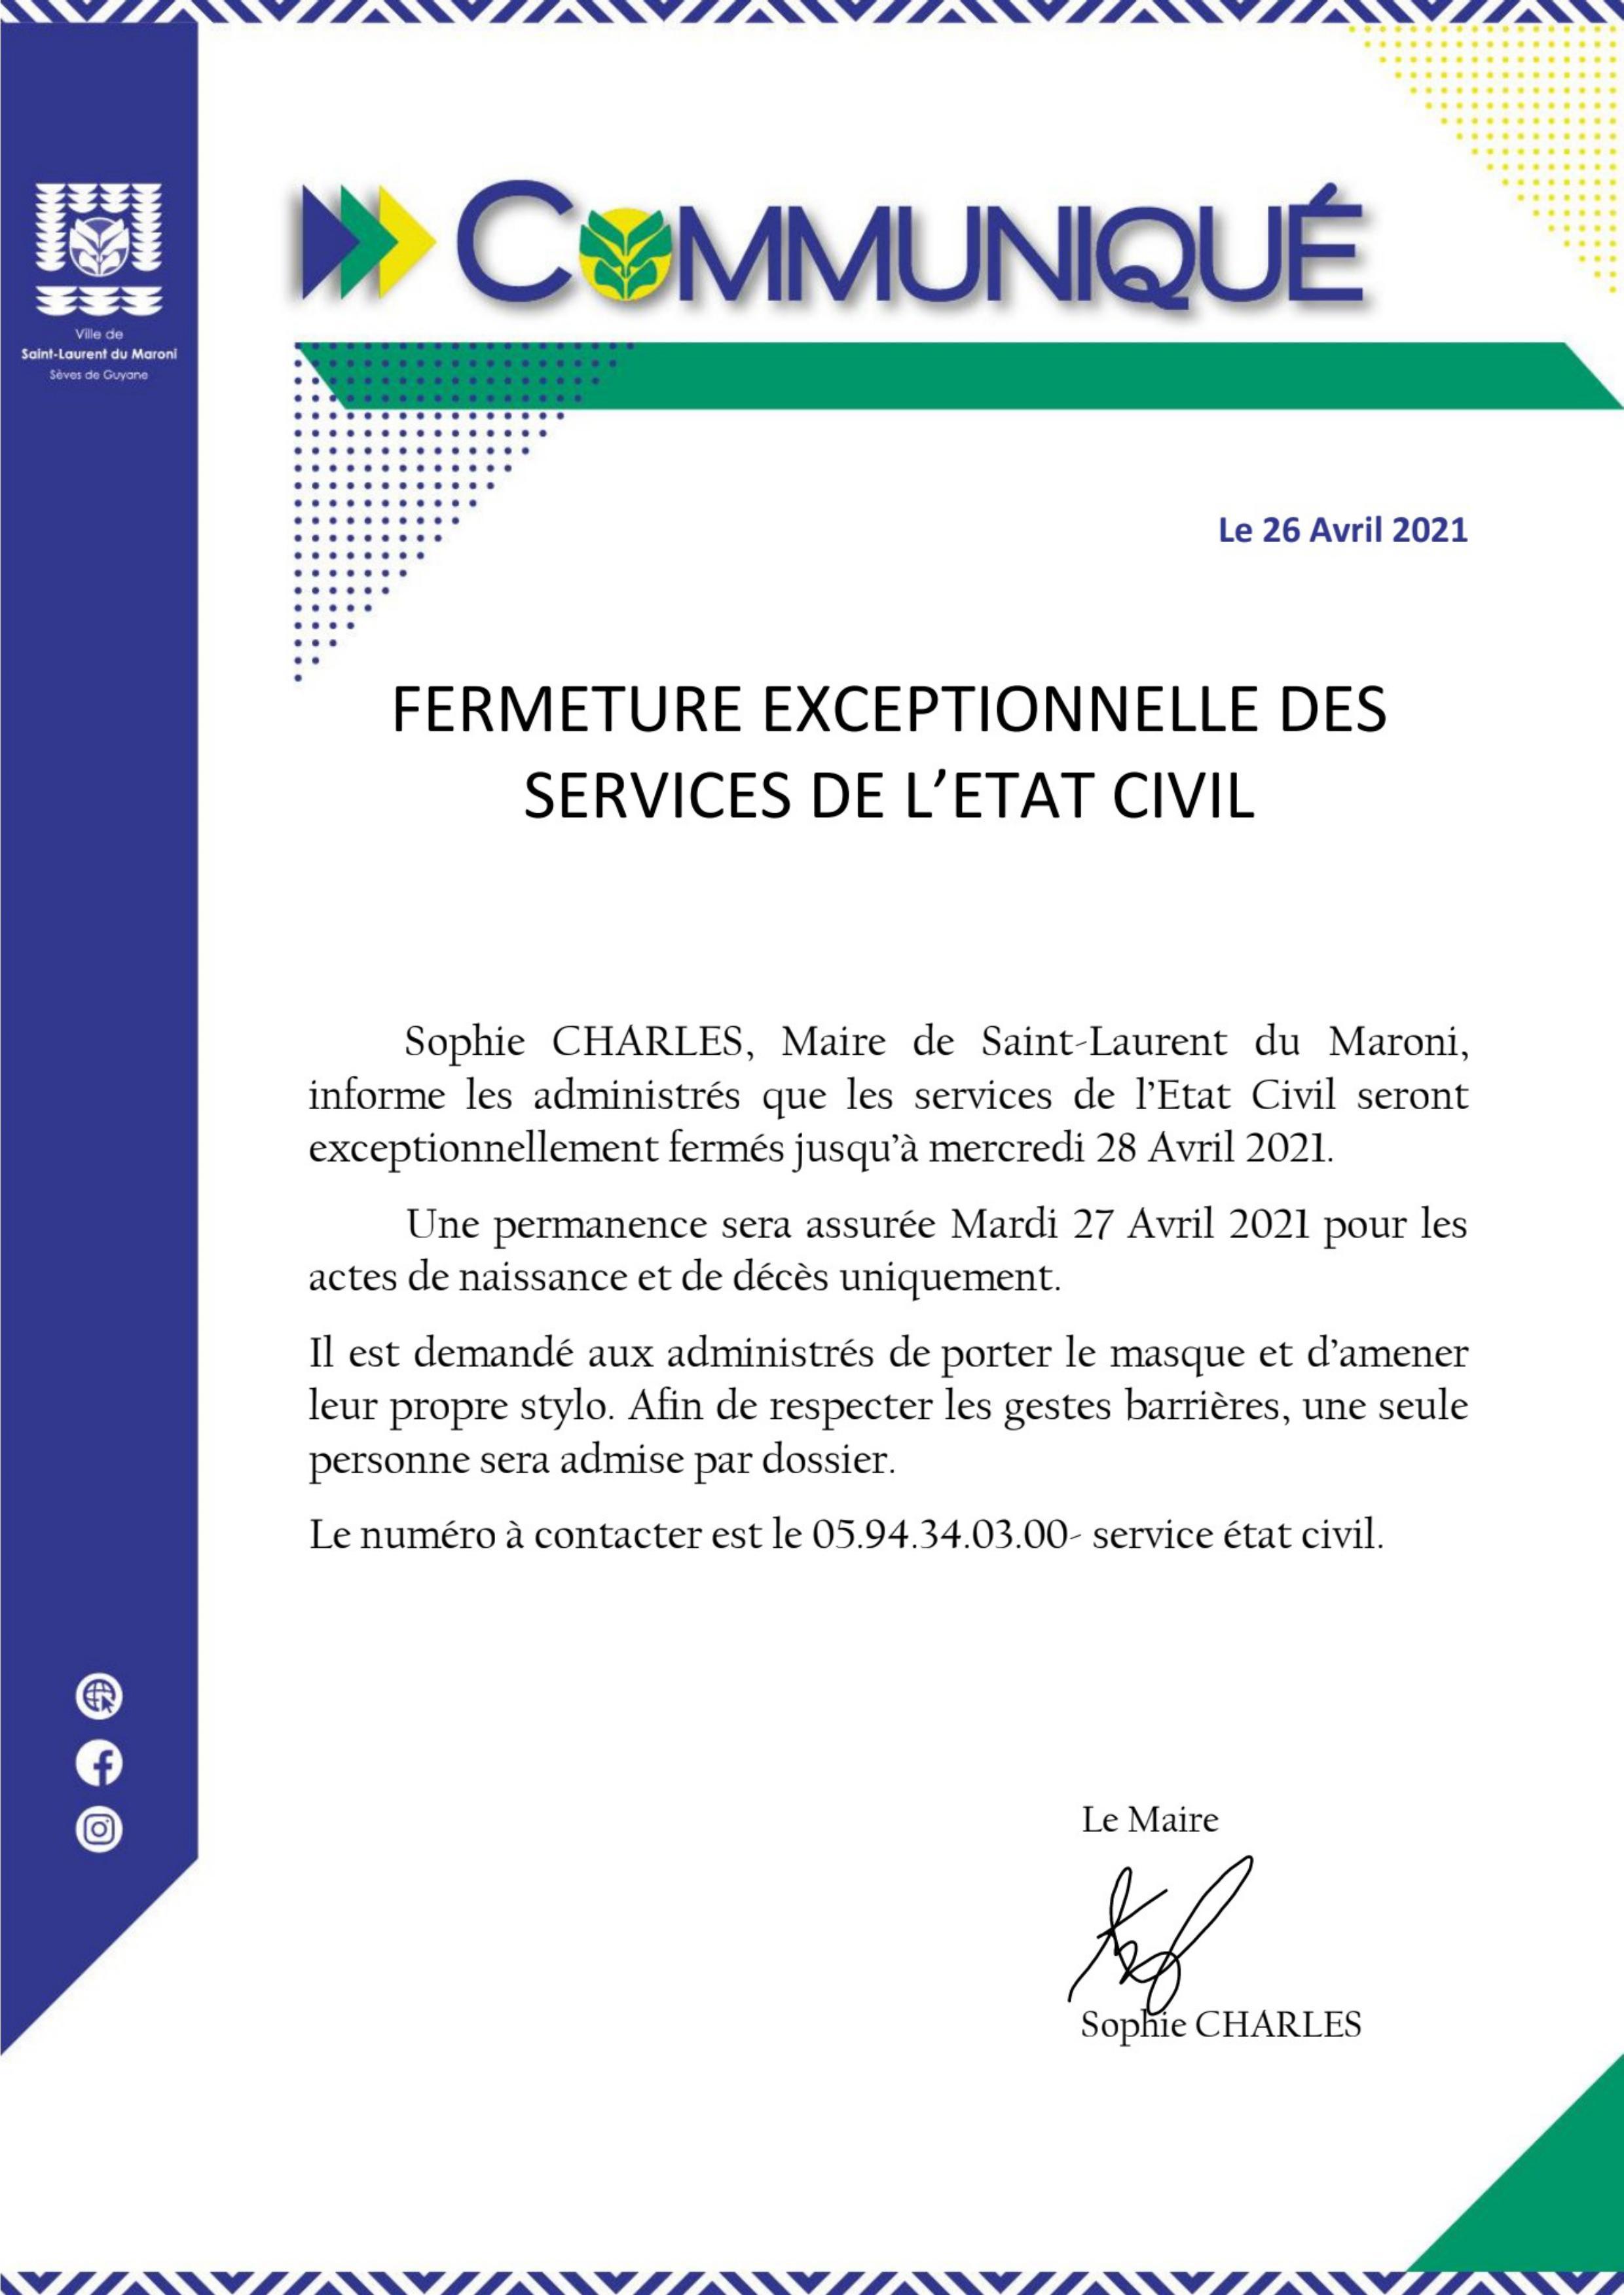 #Communiqué : Fermeture exceptionnelle des services de l'État Civil